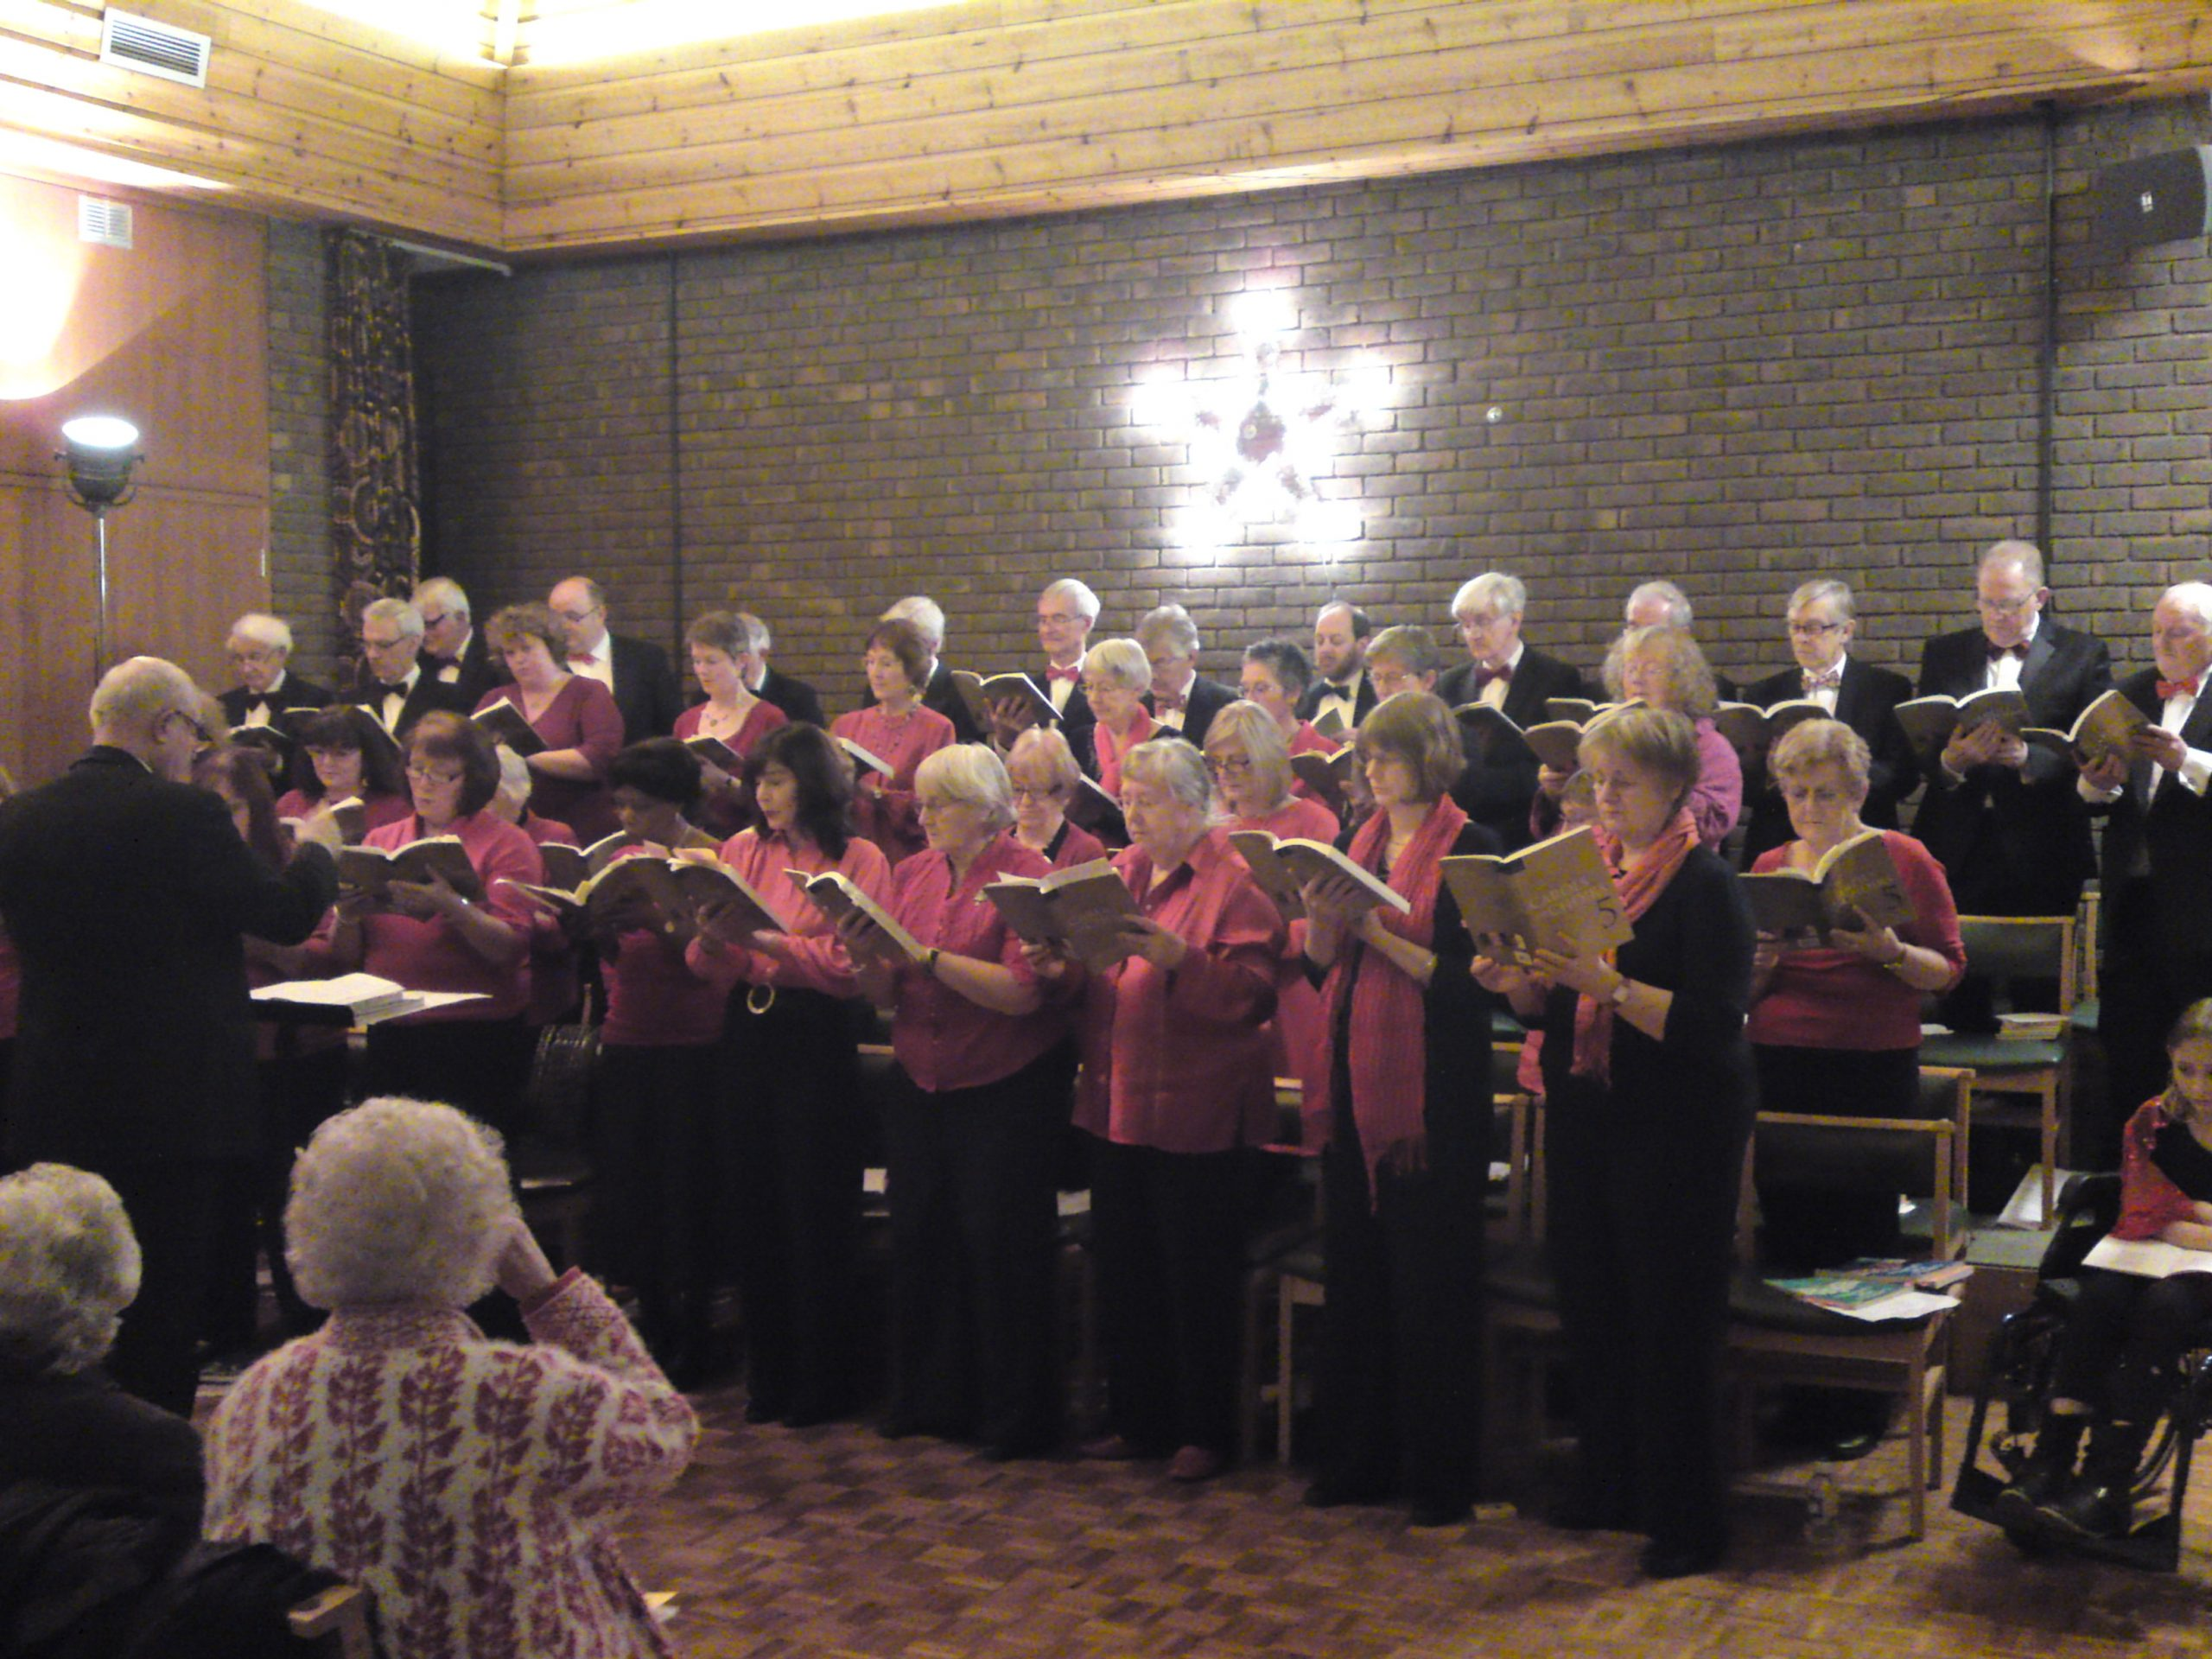 Royal Free Singers